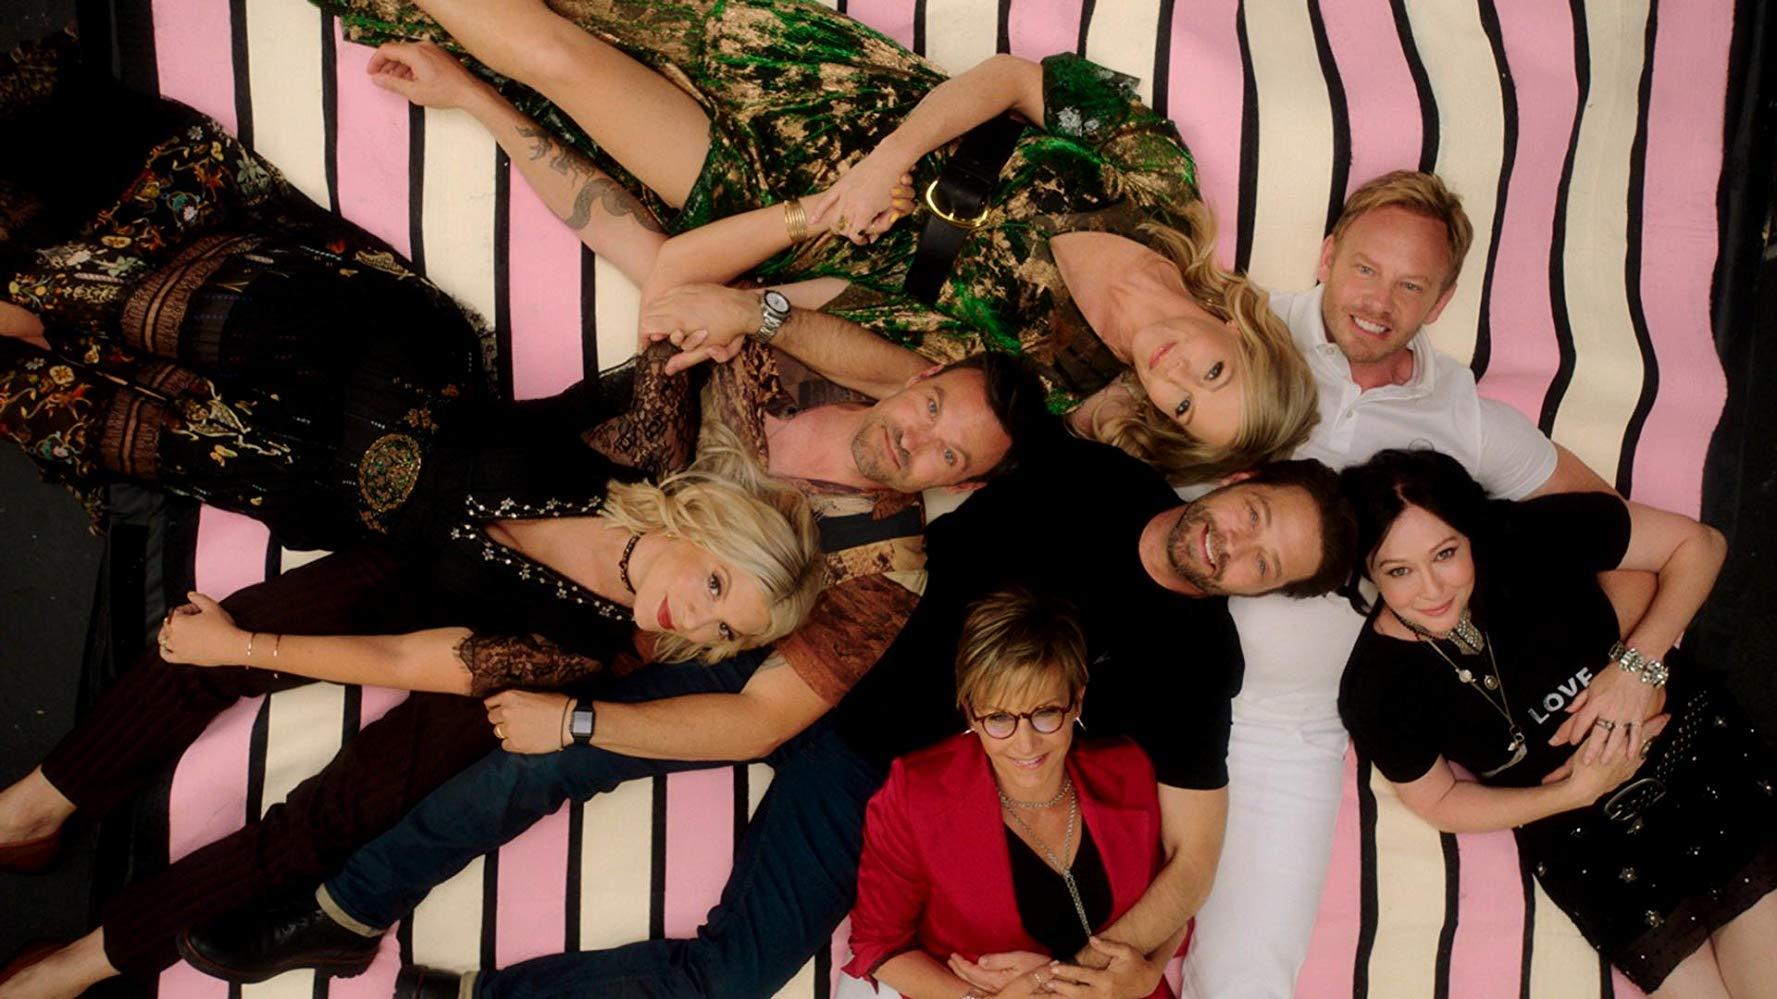 Пісня українського музиканта Cape Cod стала саундтреком серіалу «Беверлі-Хіллз, 90210»-Фото 1